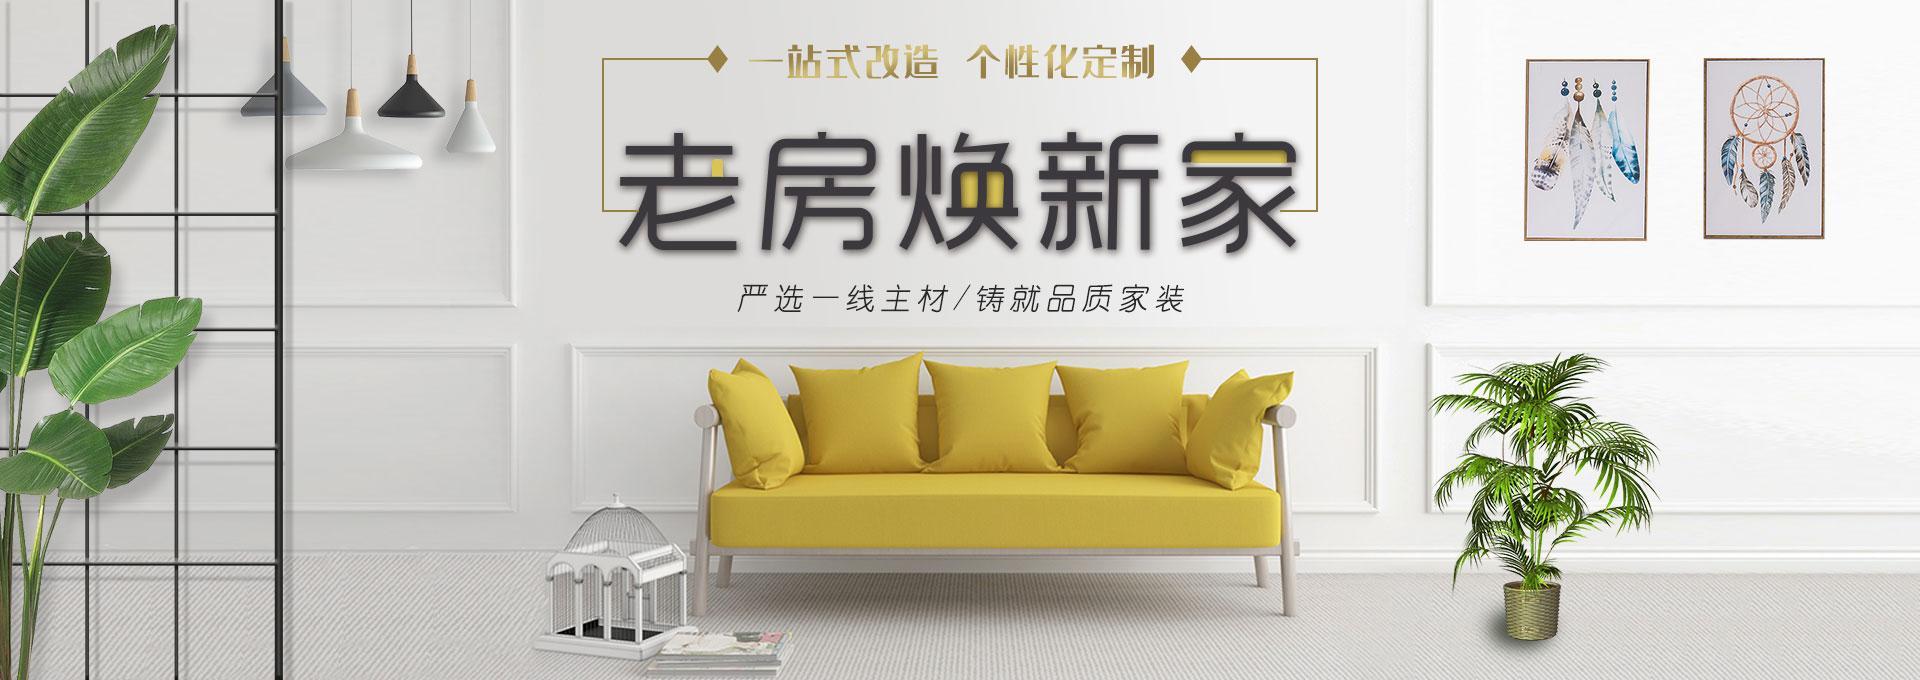 绿植黄沙发